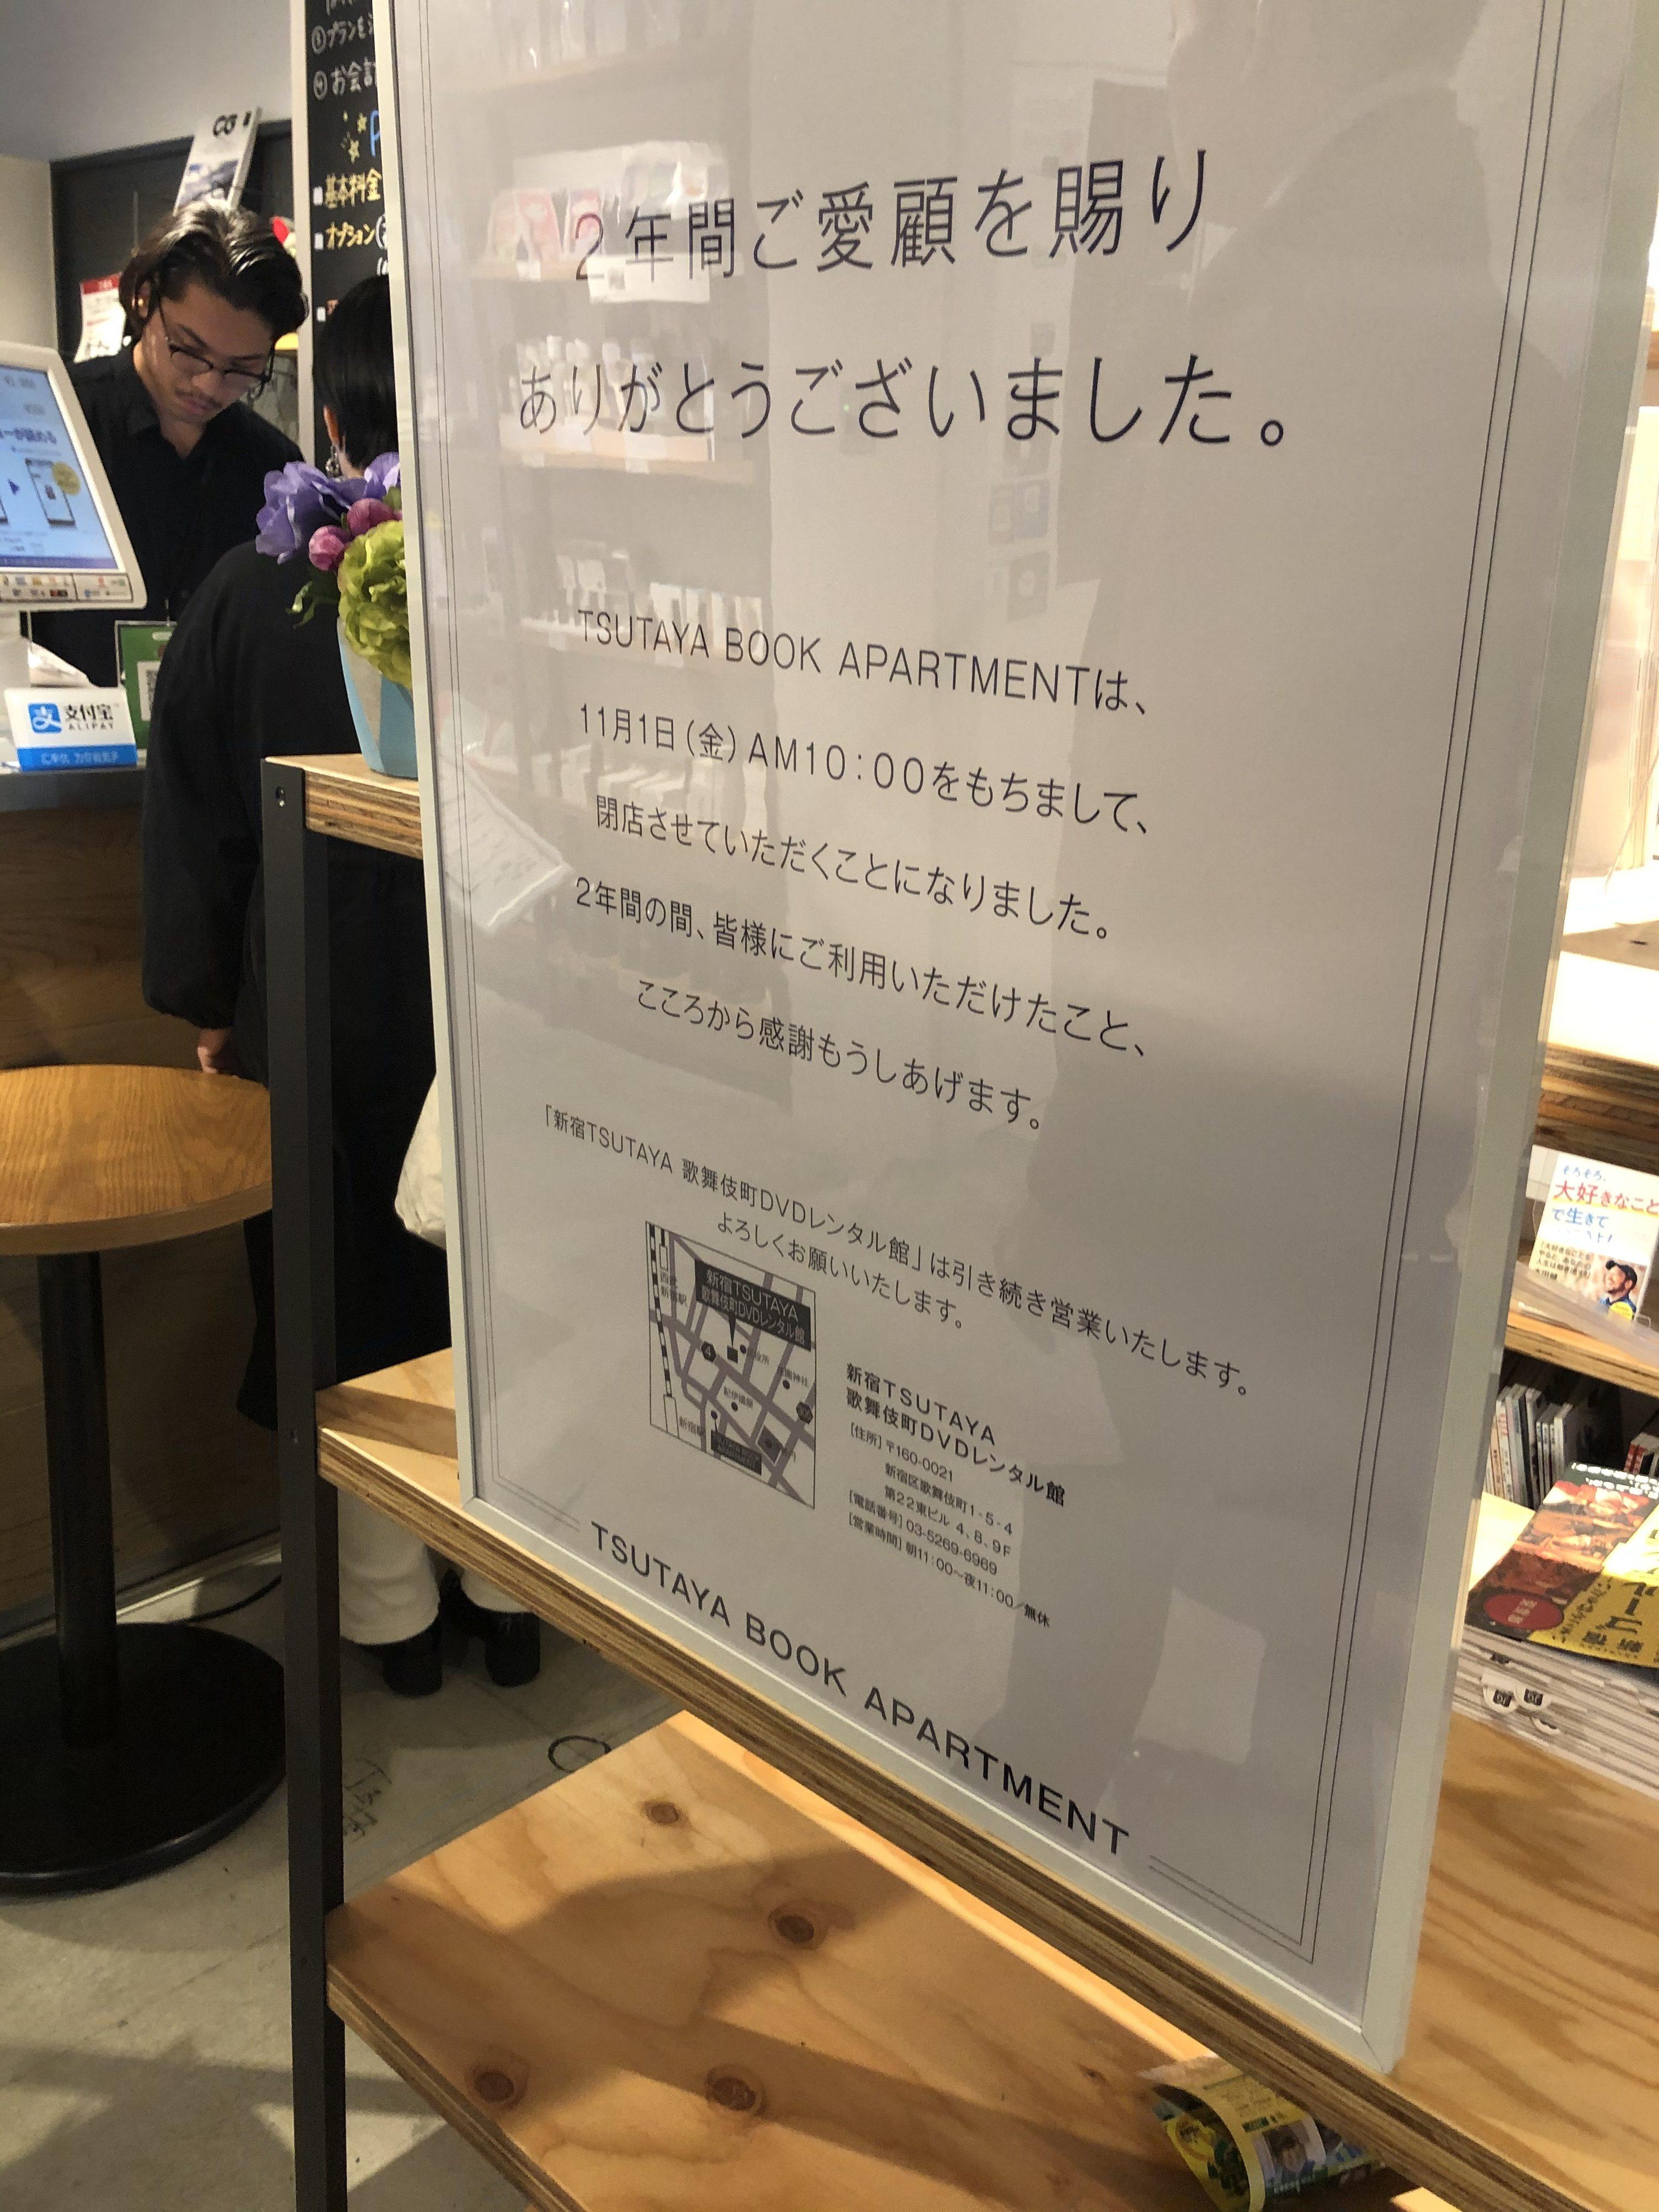 新宿のコワーキングエリアTSUTAYA BOOK APARTMENT閉店